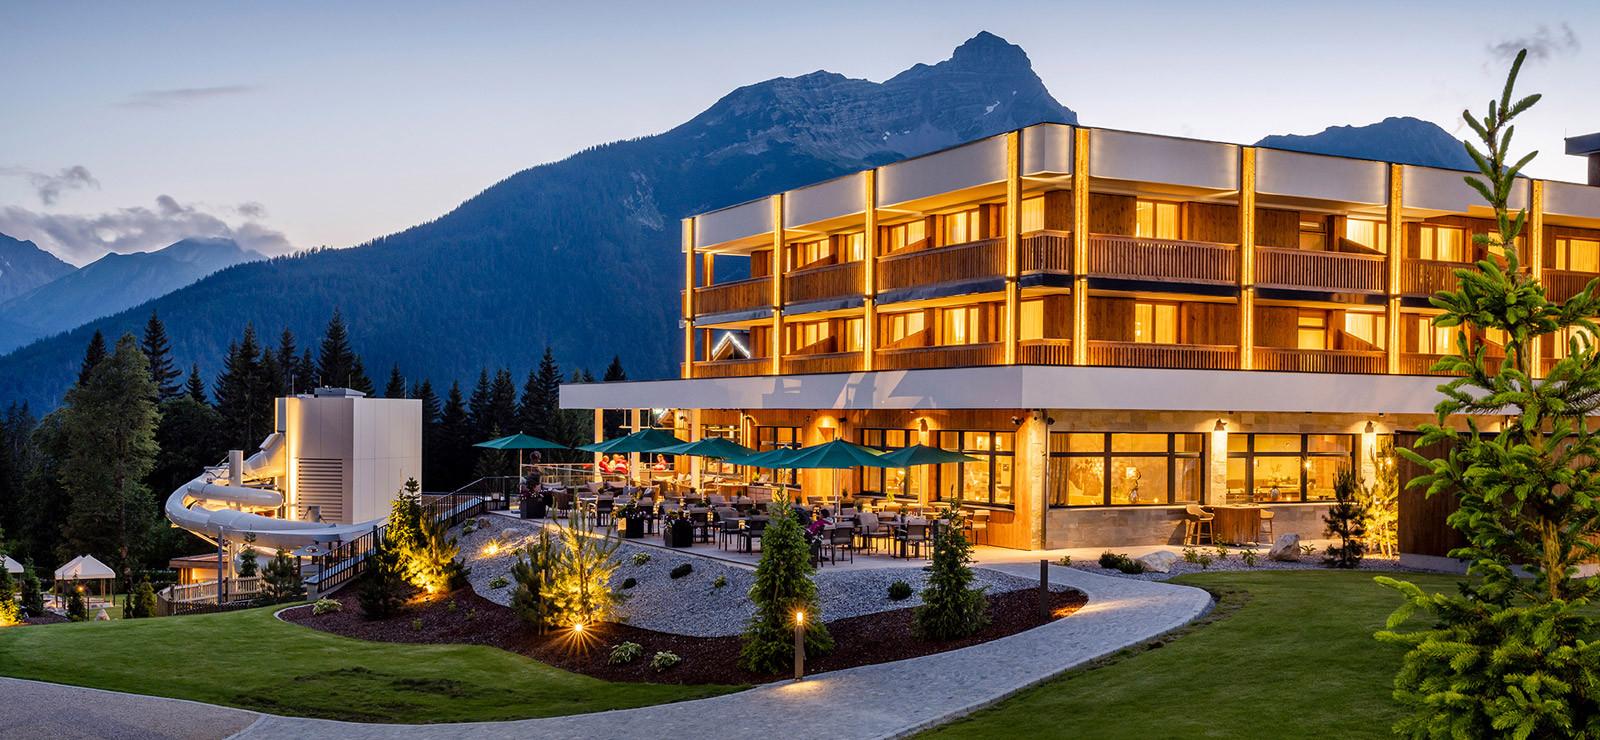 Zugspitz Resort Bilder | Bild 1